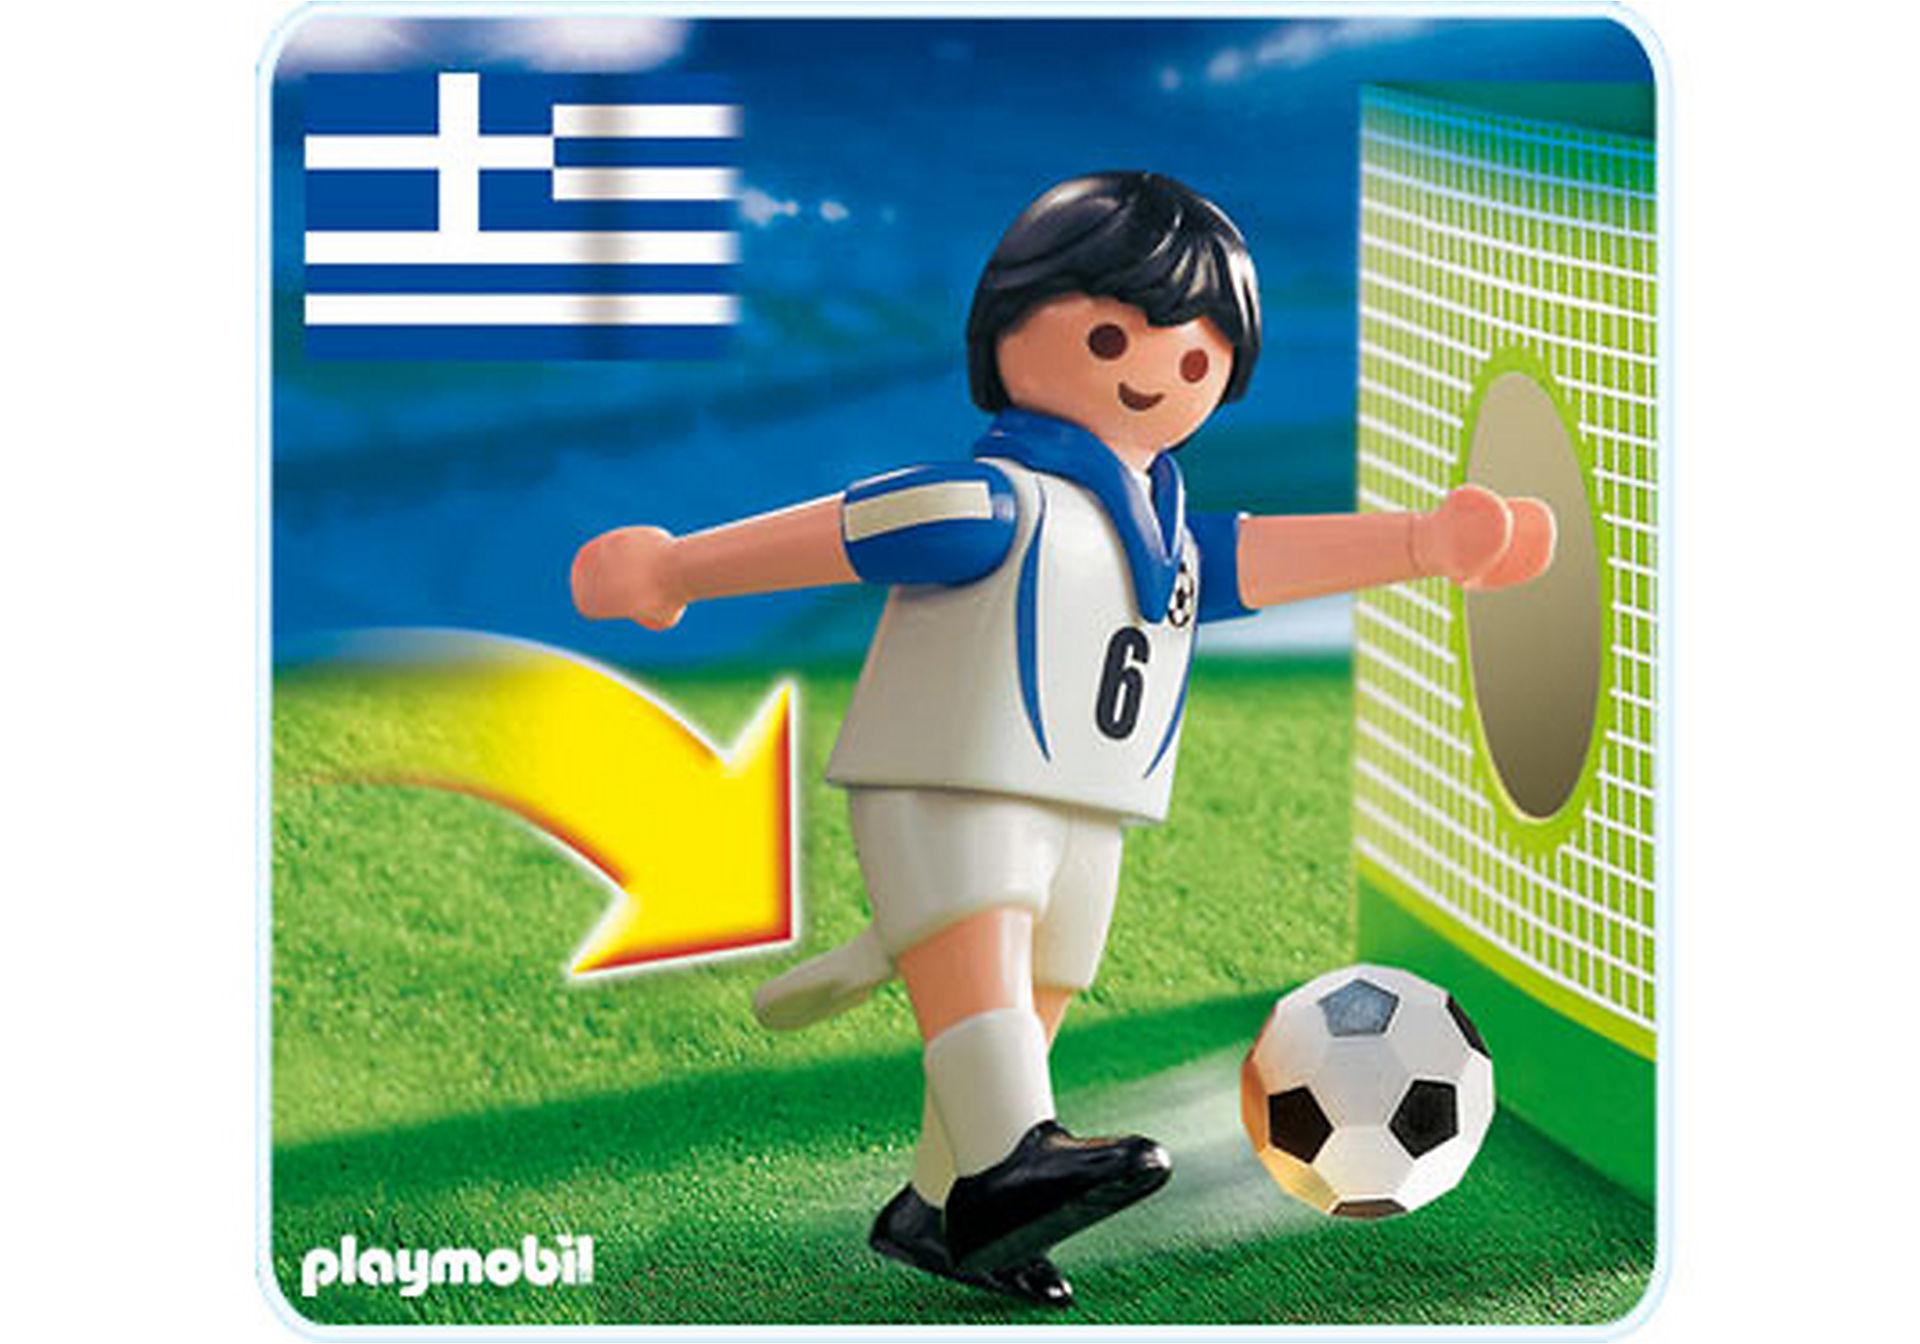 4718-A Fußballspieler Griechenland zoom image1